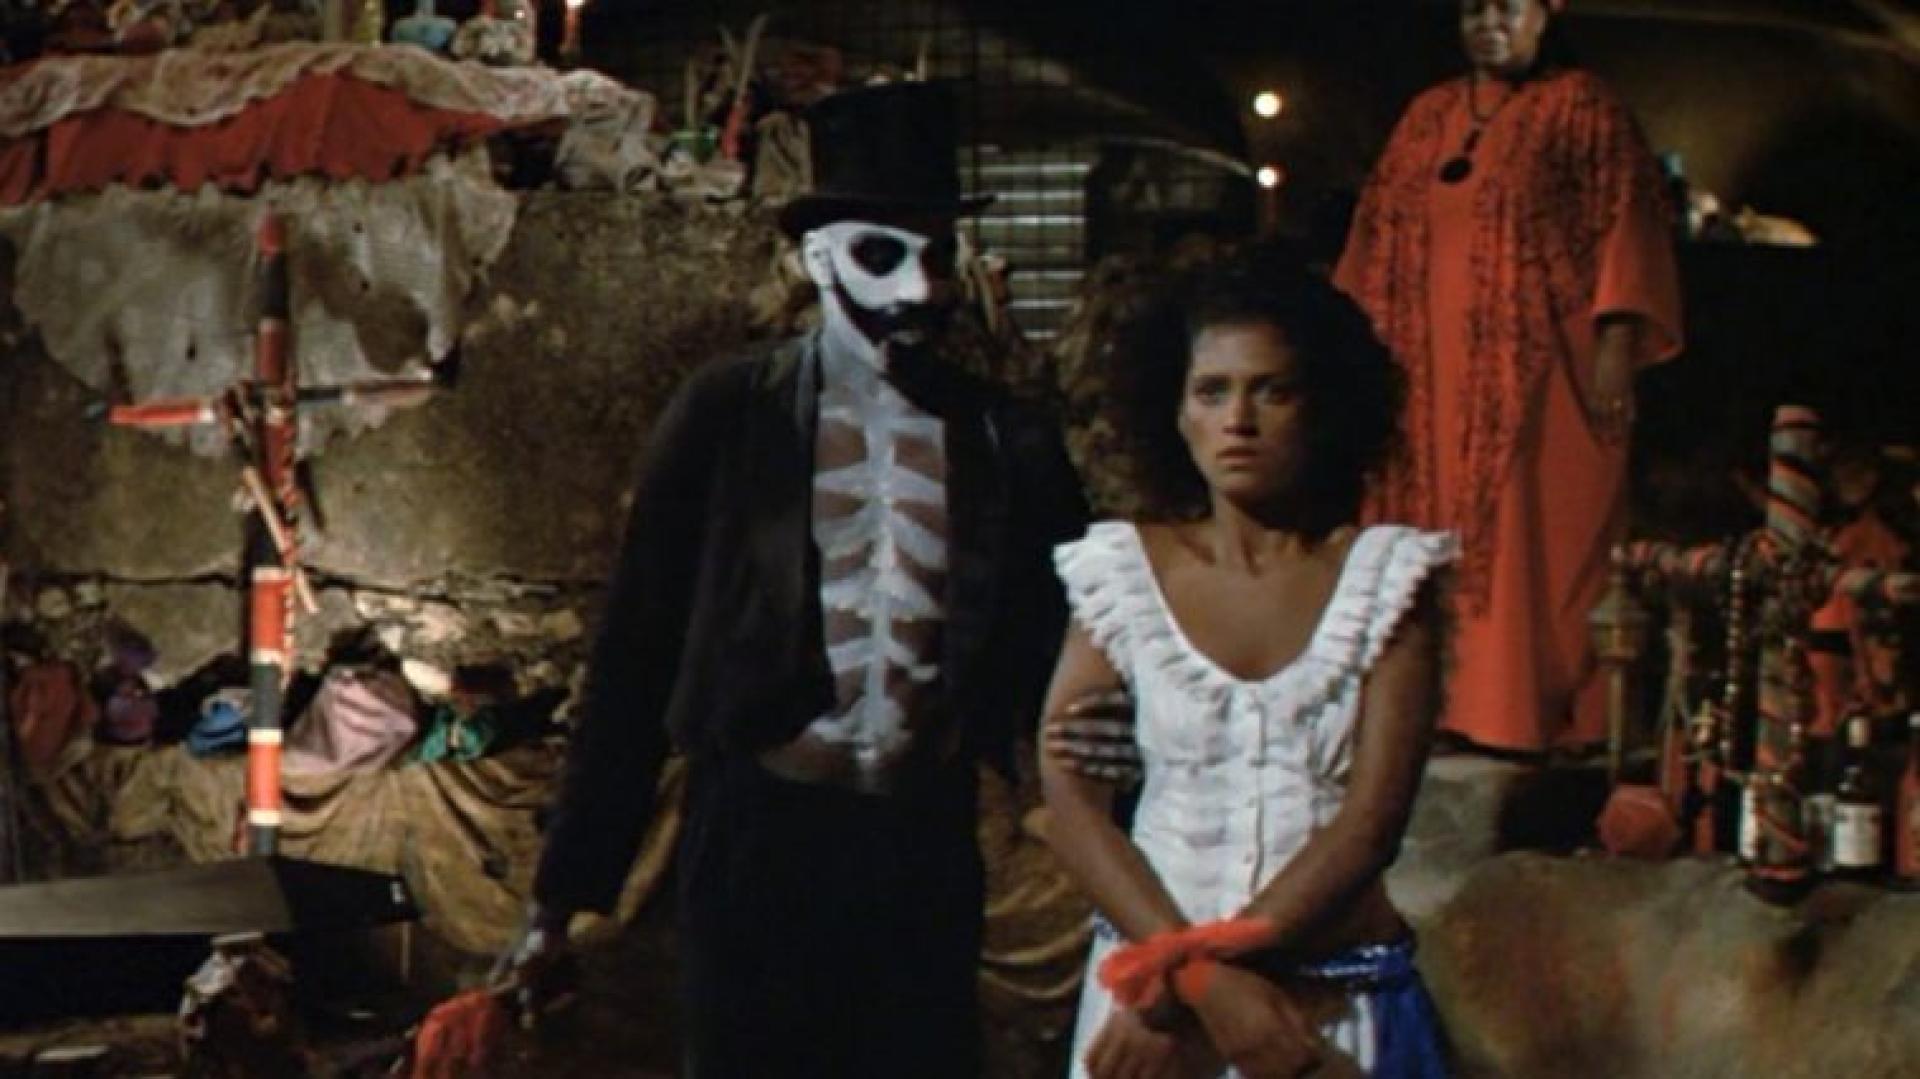 The Serpent and the Rainbow - A kígyó és a szivárvány (1988) 2.kép